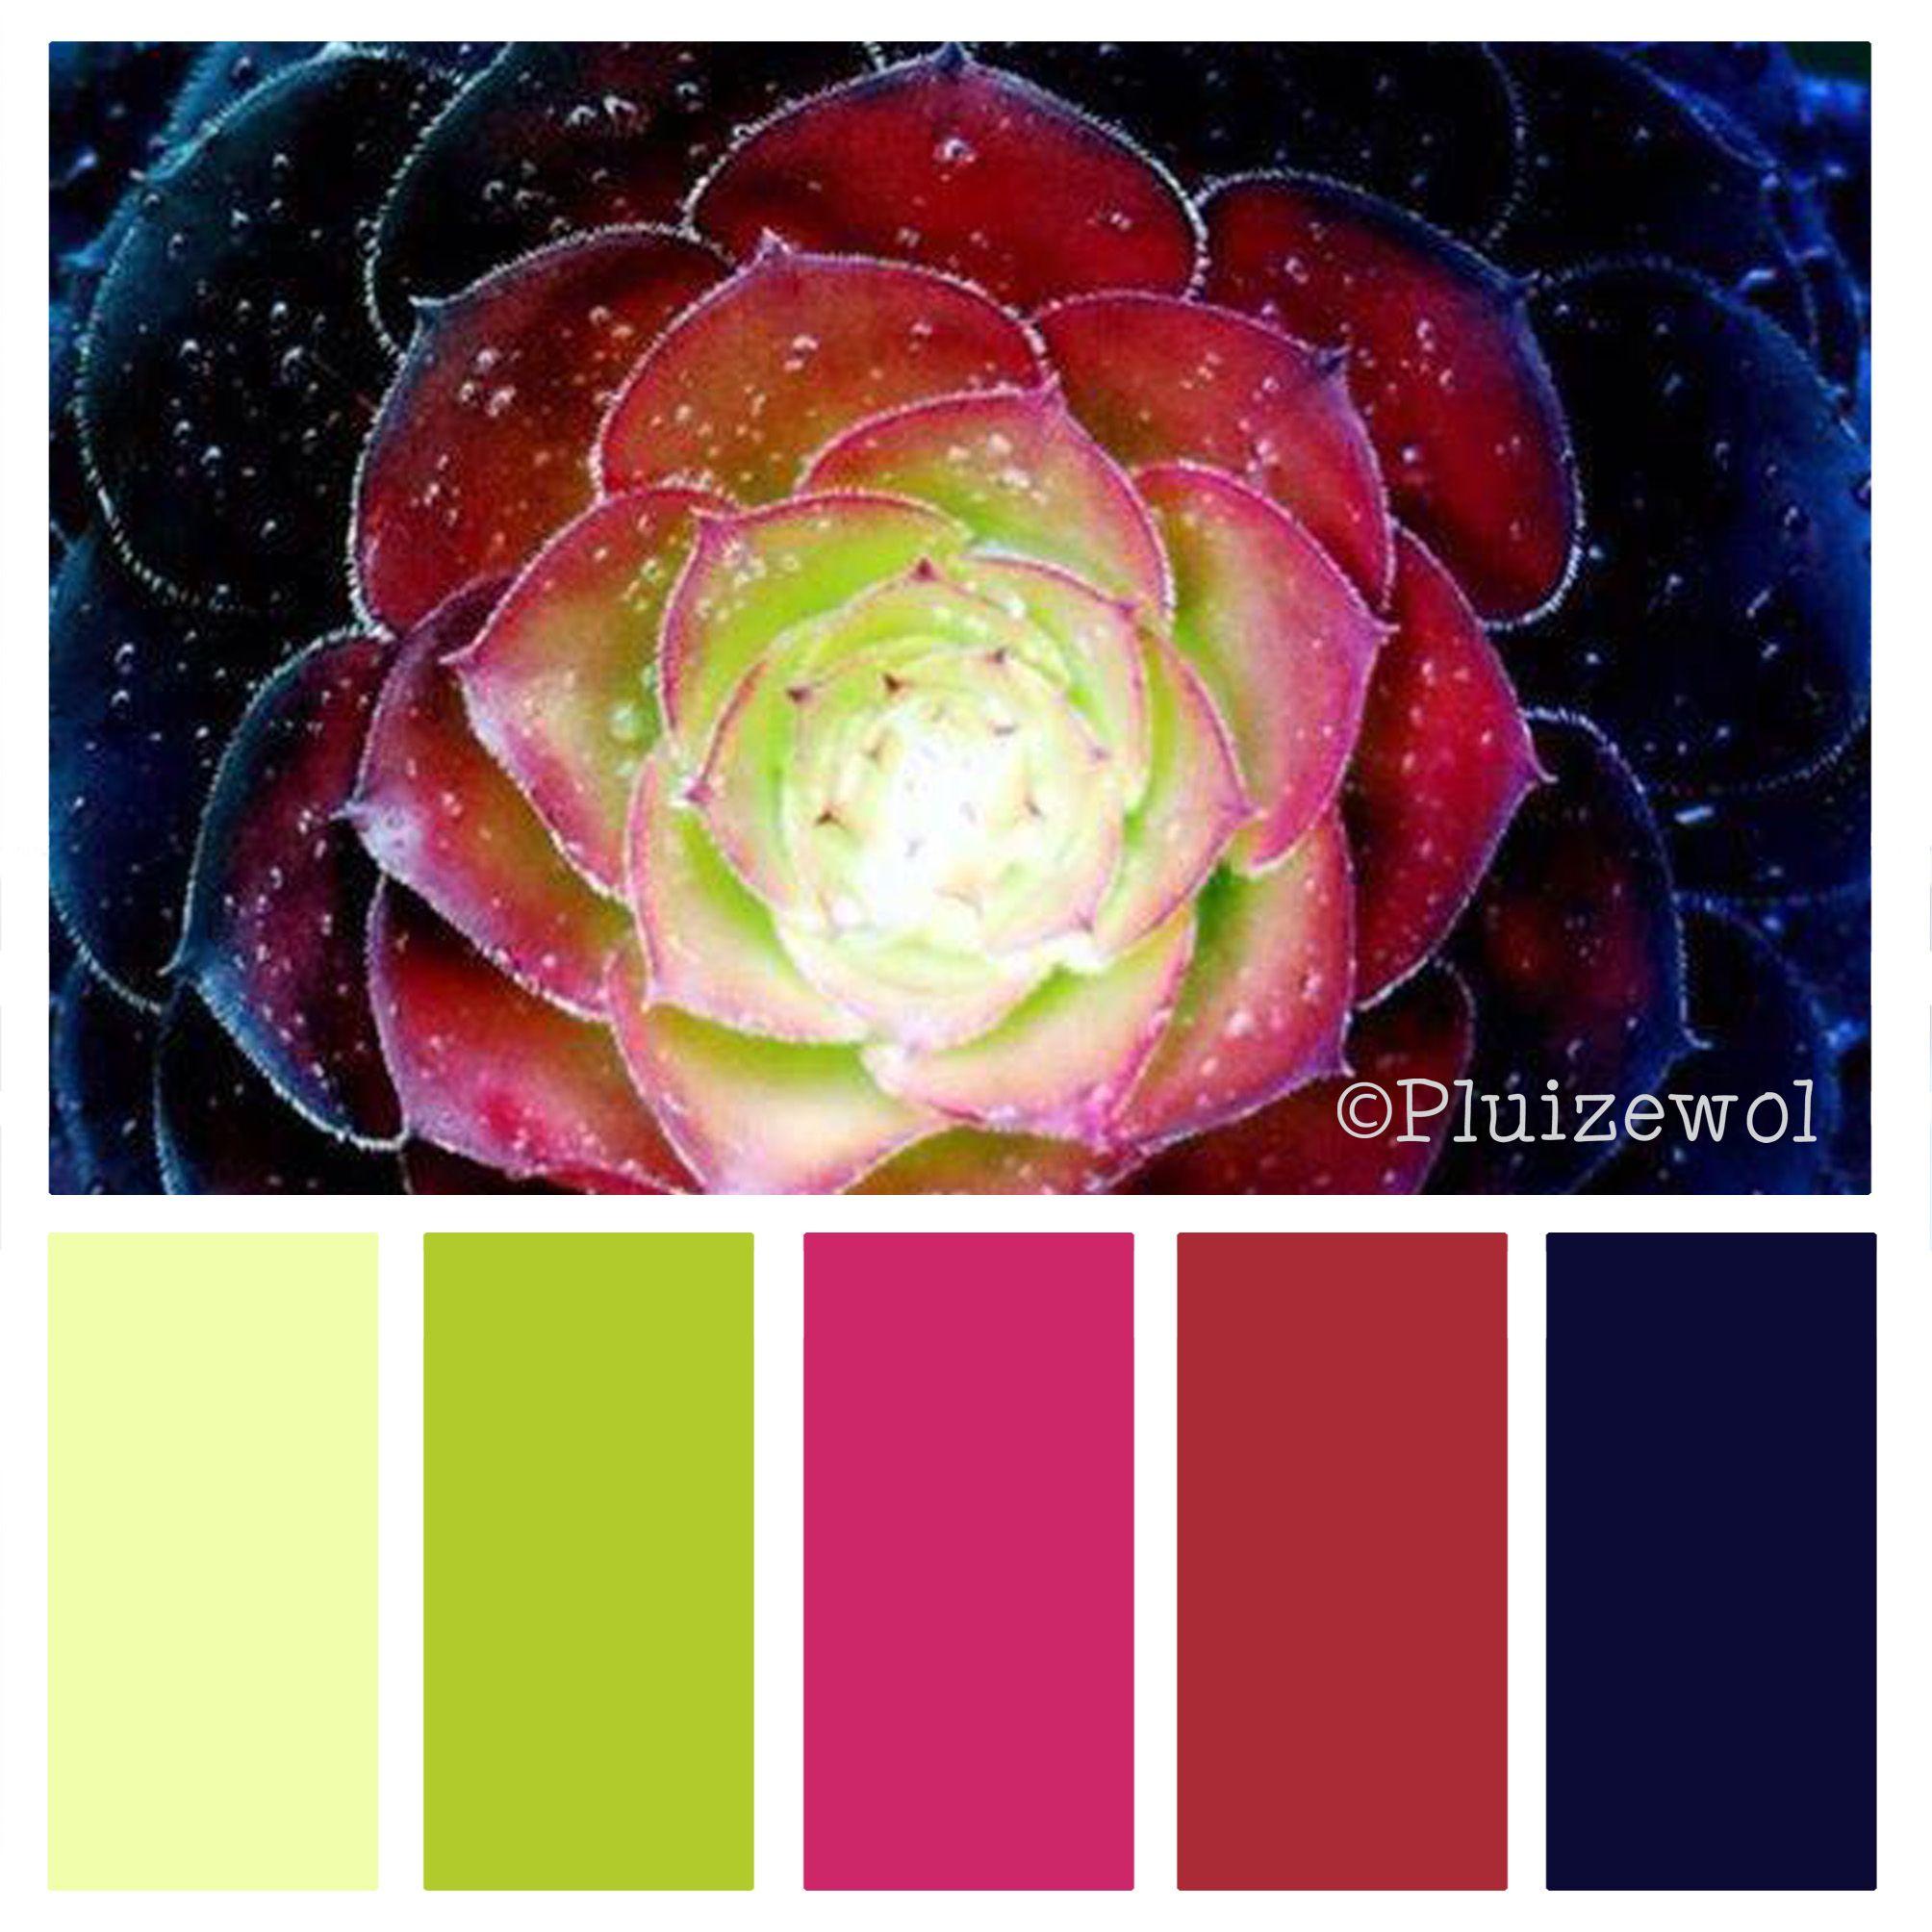 Kleurinspiratie Pluizewol - Plant   COLORS   Pinterest